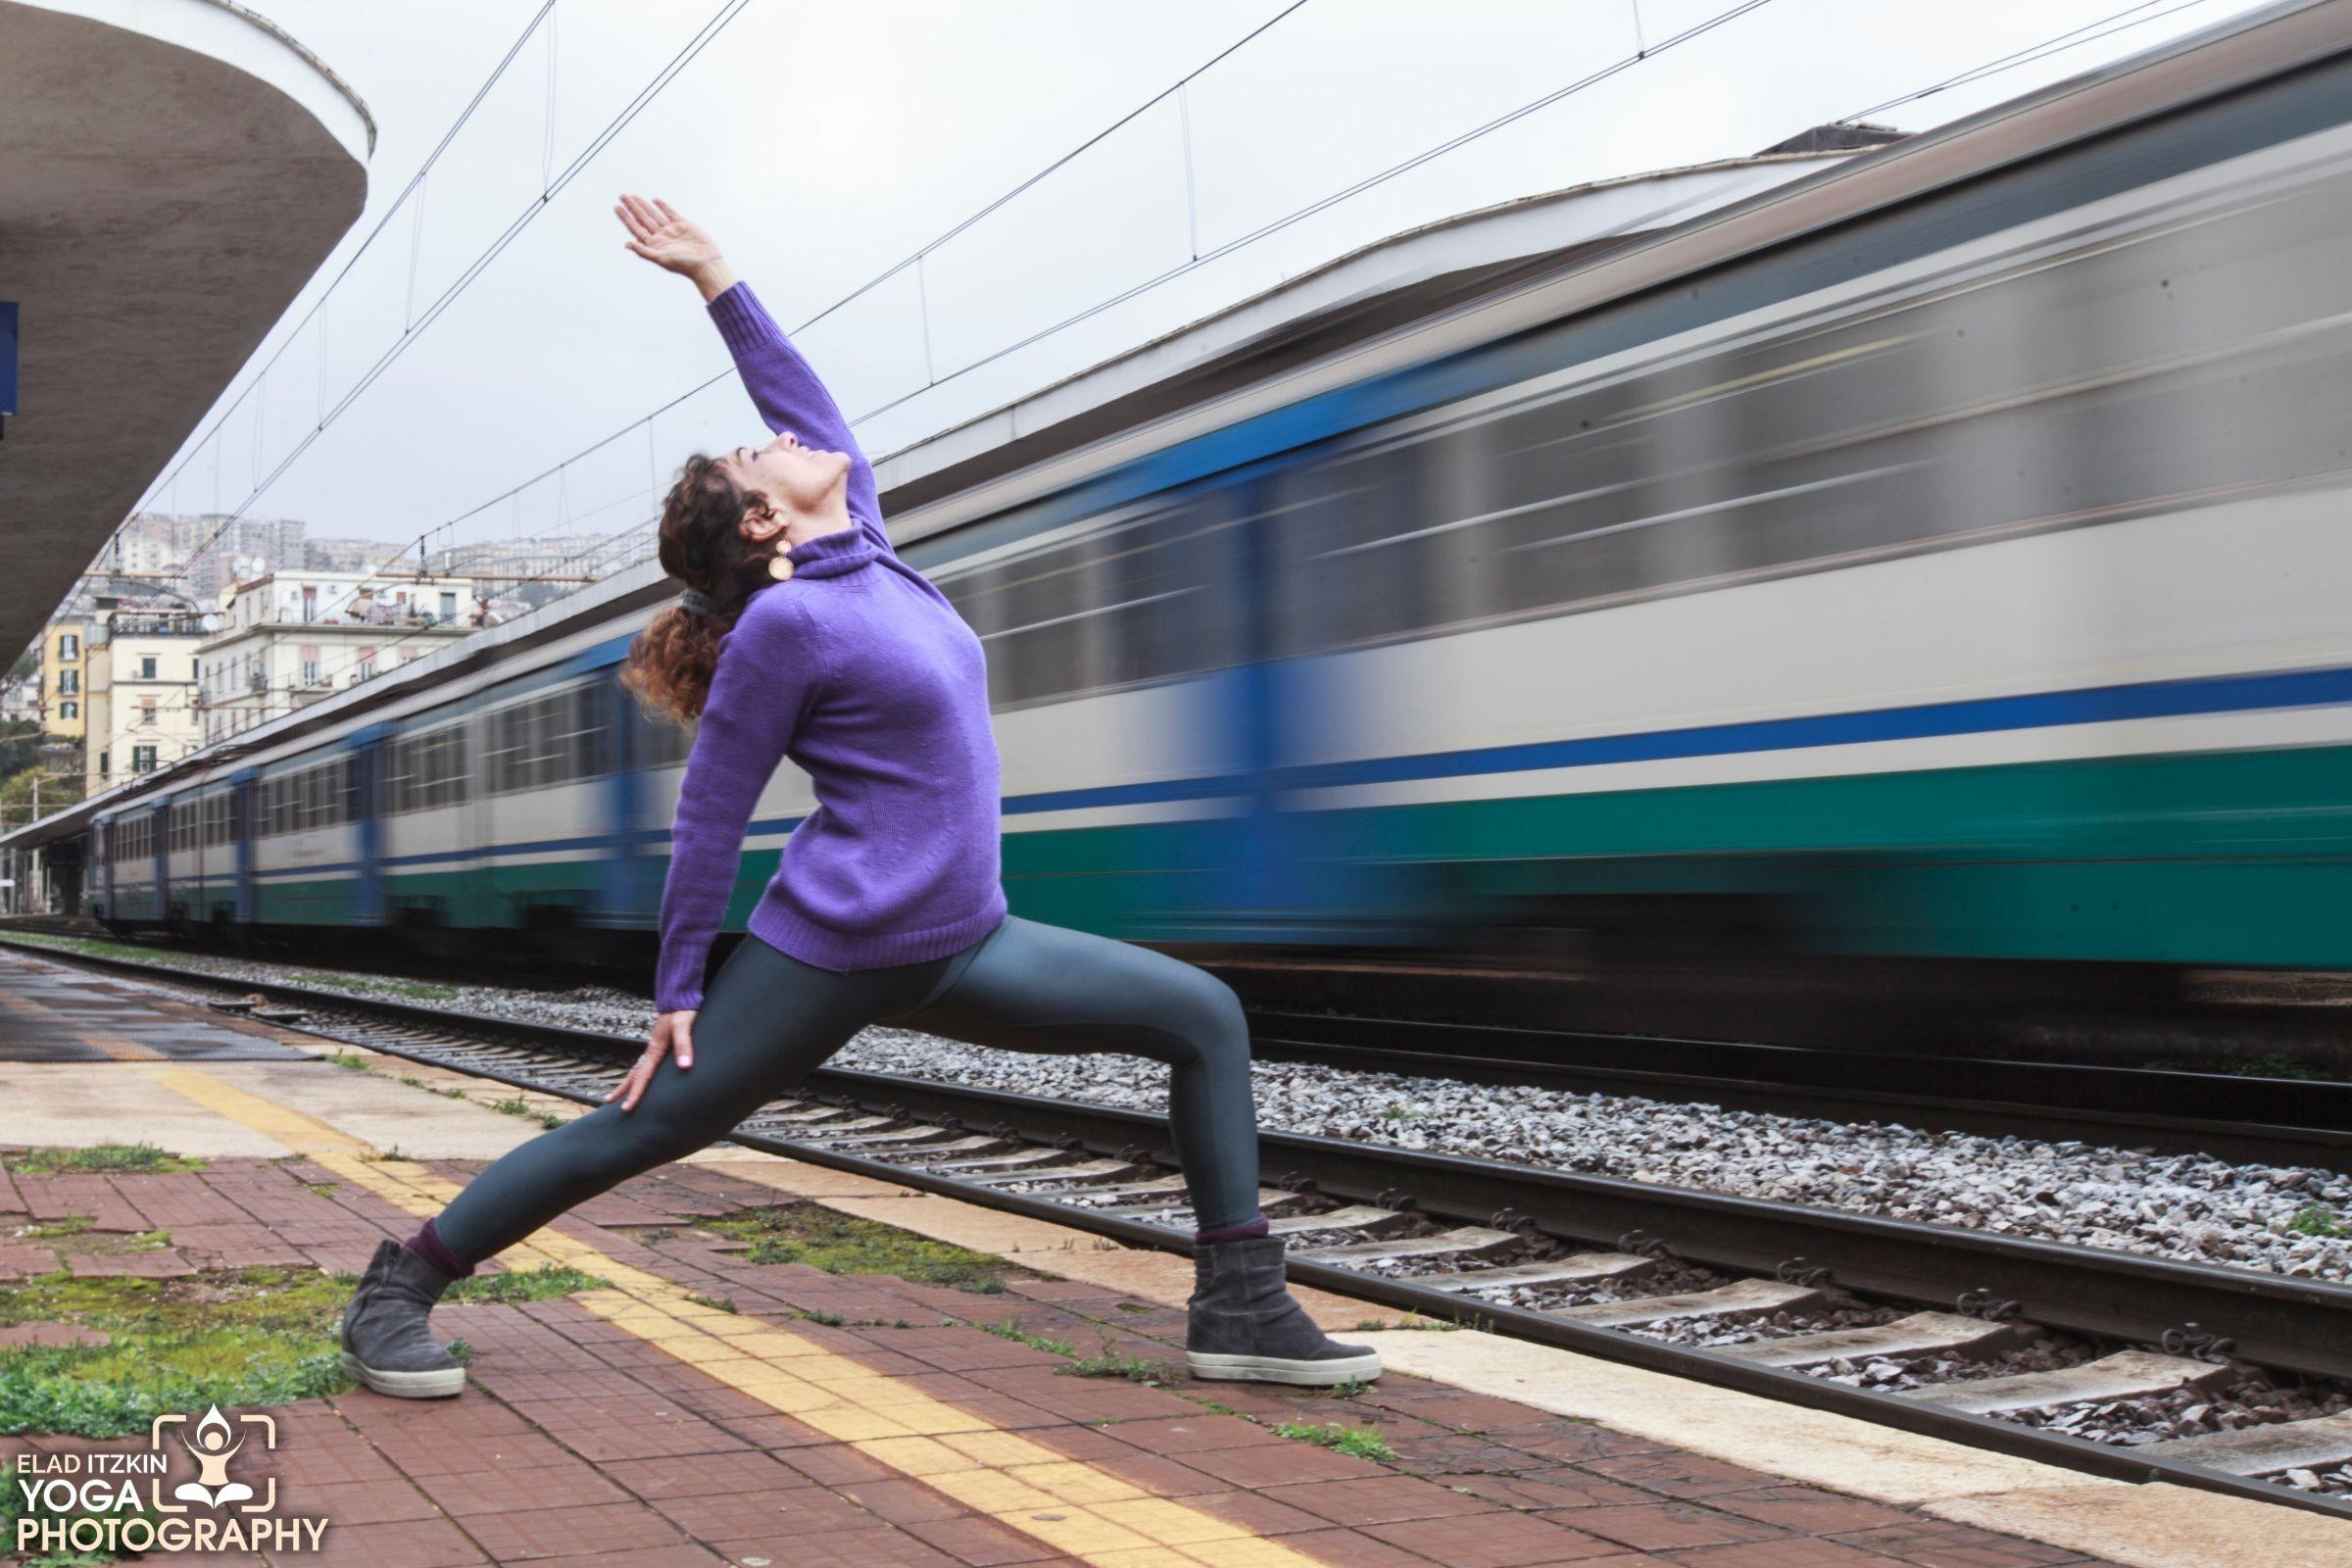 Lucia Ausilio Yoga Photos, Naples, Italy - Elad Itzkin Yoga Photography